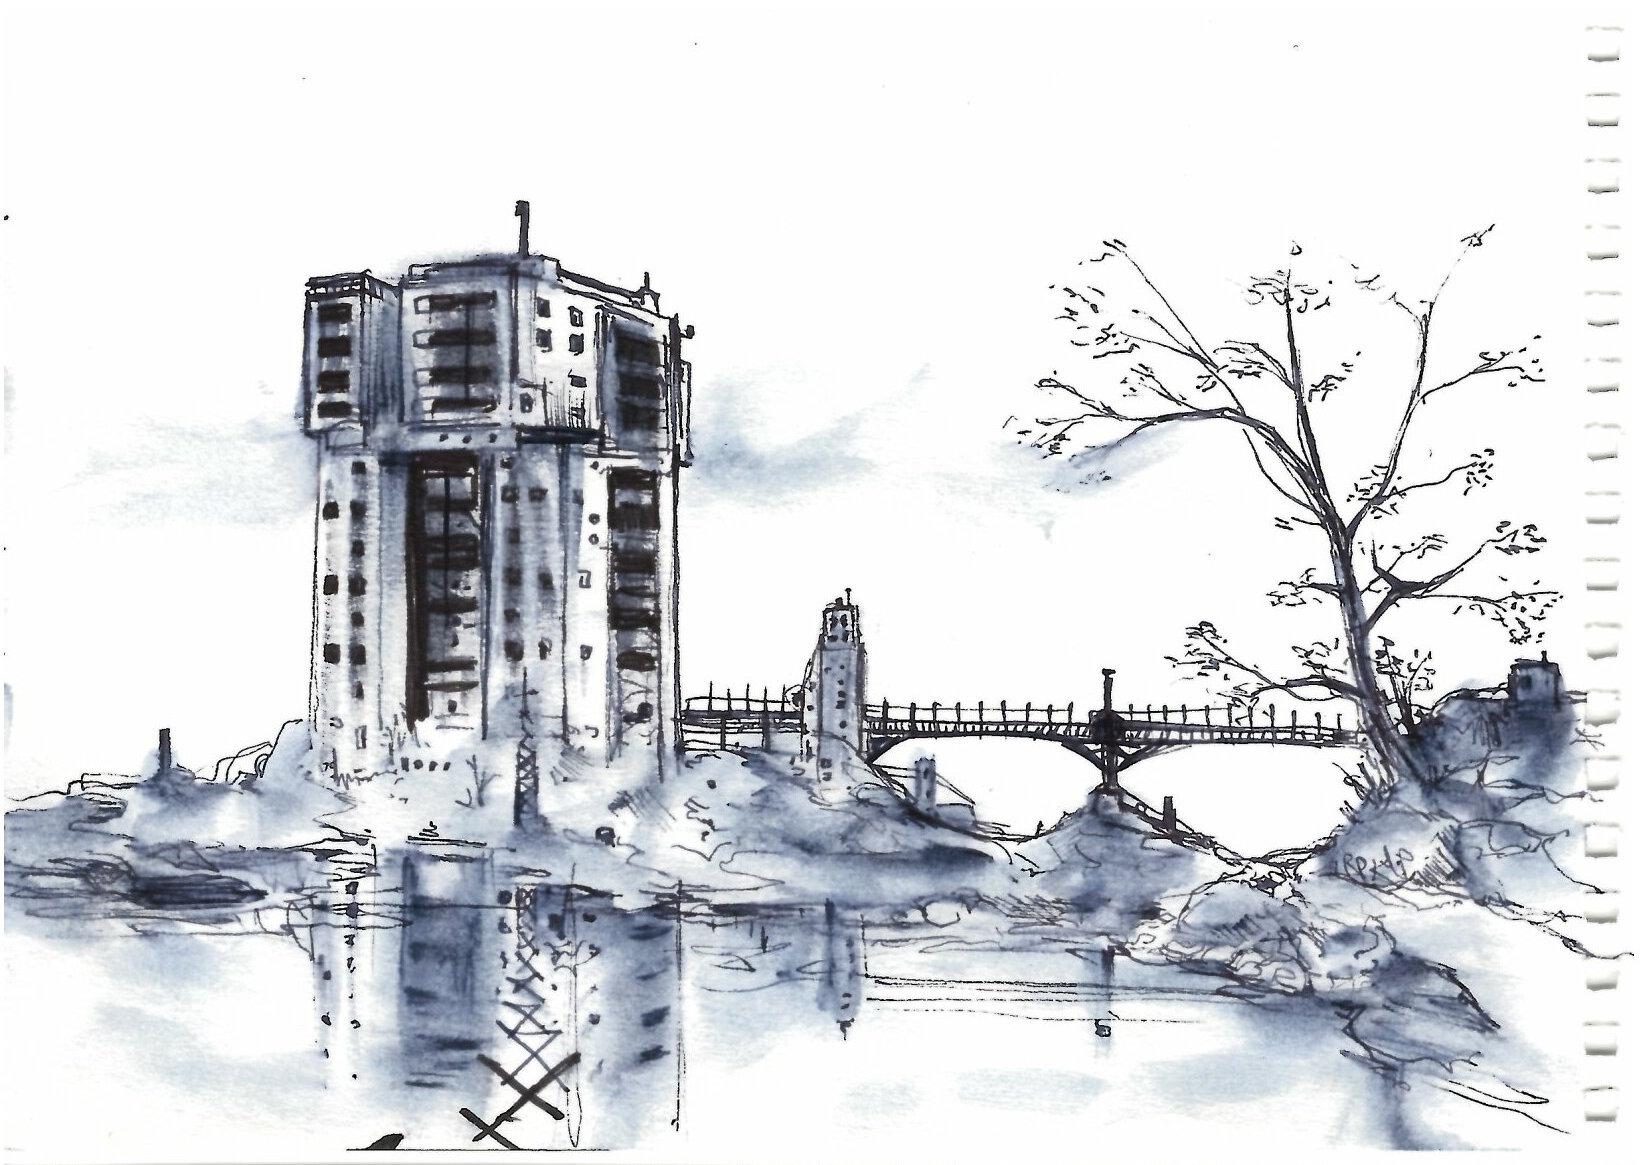 Architecture Dessin : Dessin d architecture grand ensemble nadib bandi